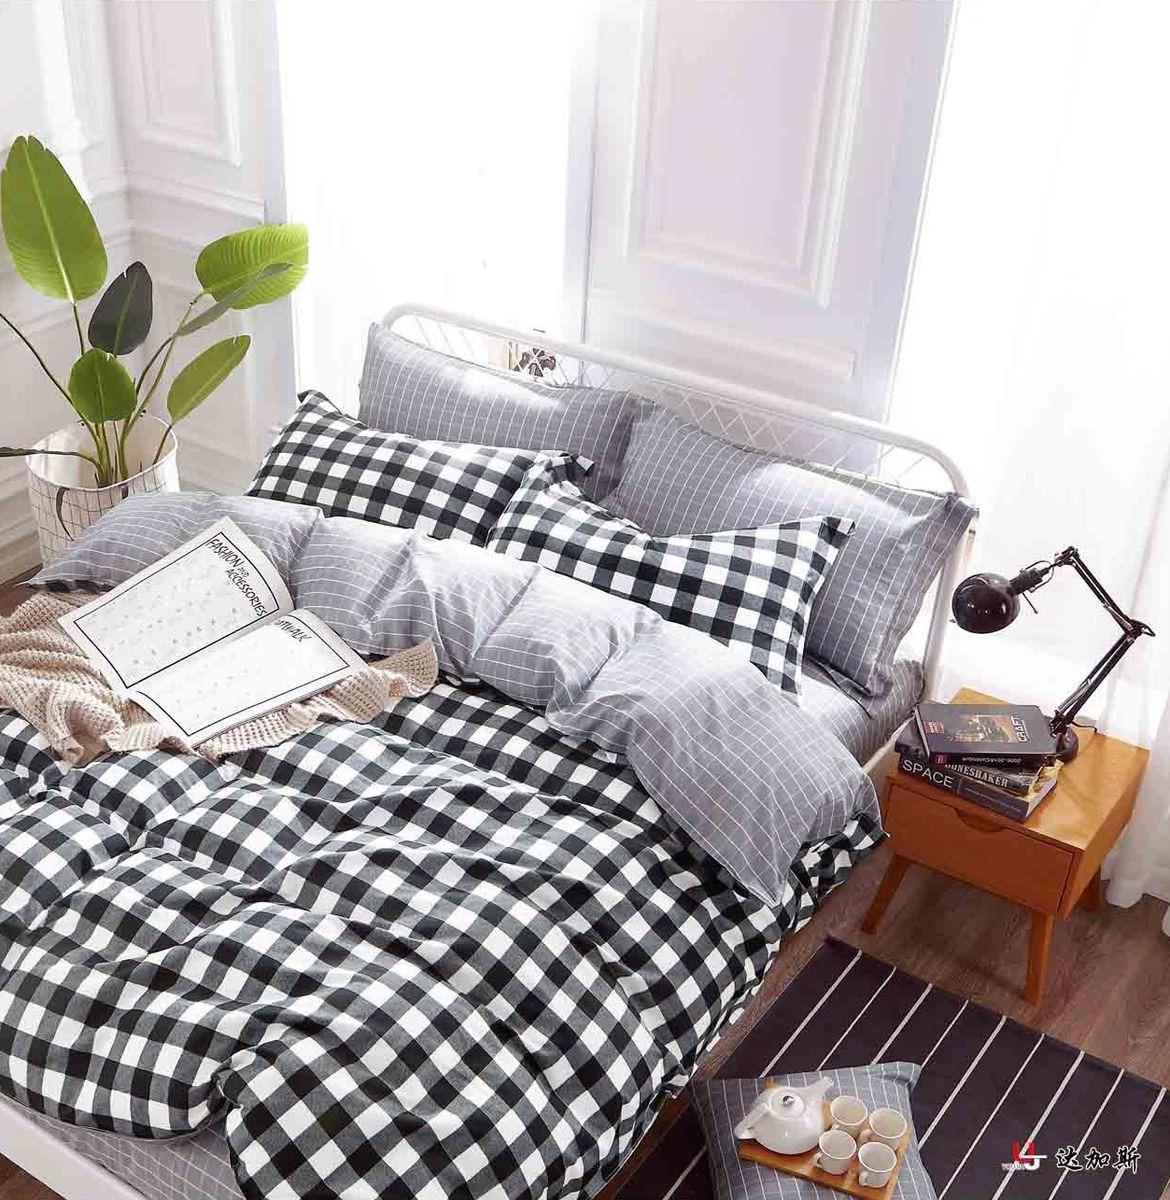 Комплект постельного белья Guten Morgen Перкаль, Пг-799-175-220-70, голубой, 2-х спальный, наволочки 70x70Пг-799-175-220-70Комплект постельного белья Guten Morgen, изготовленный из перкаля (100% хлопка), являющегося экологически чистым продуктом, поможет вам расслабиться и подарит спокойный сон. Комплект состоит из пододеяльника, простыни и двух наволочек. Постельное белье имеет привлекательный внешний вид. Изысканность, романтизм, нежность, ненавязчивая роскошь - основные черты, свойственные новой коллекции постельного белья Guten Morgen. Благодаря такому комплекту постельного белья вы сможете создать атмосферу уюта и комфорта в вашей спальне.